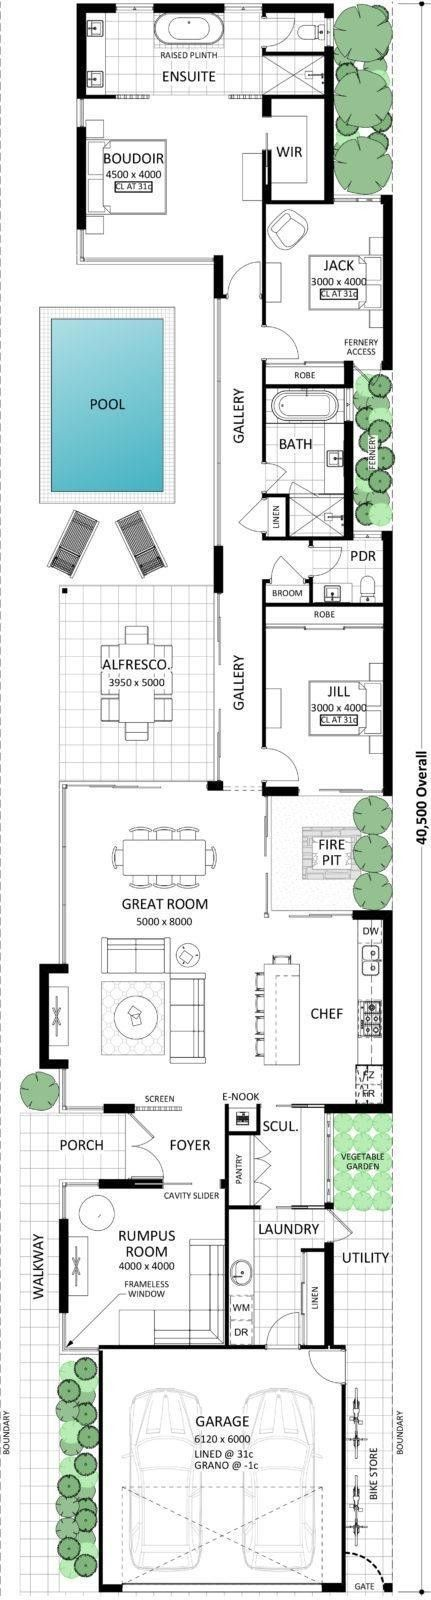 43 Ideas For Bath House Architecture Design Floor Plans Narrow House Plans Floor Plan Design Home Design Plans